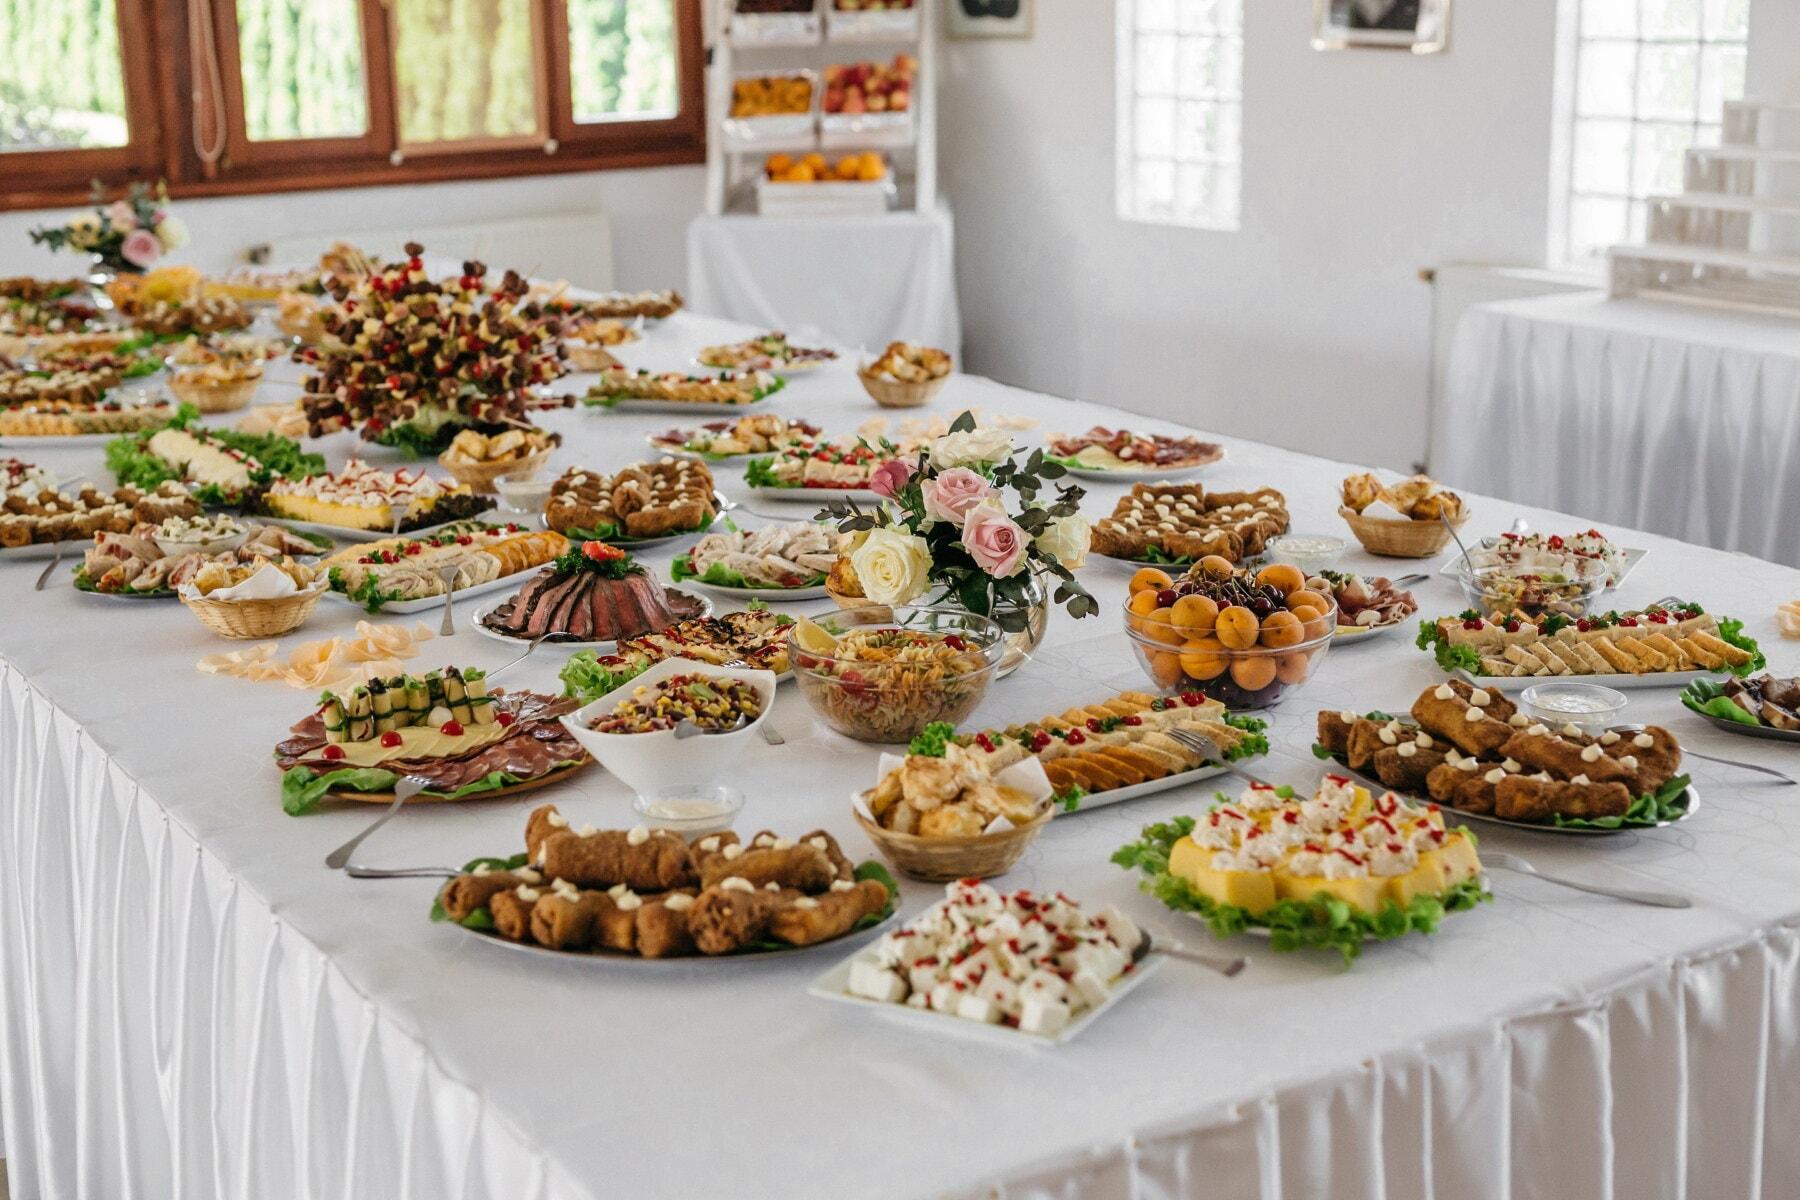 Essbereich, Kantine, Küchentisch, vom Buffet, Bankett, Restaurant, Mahlzeit, Mittagessen, Tabelle, Essen